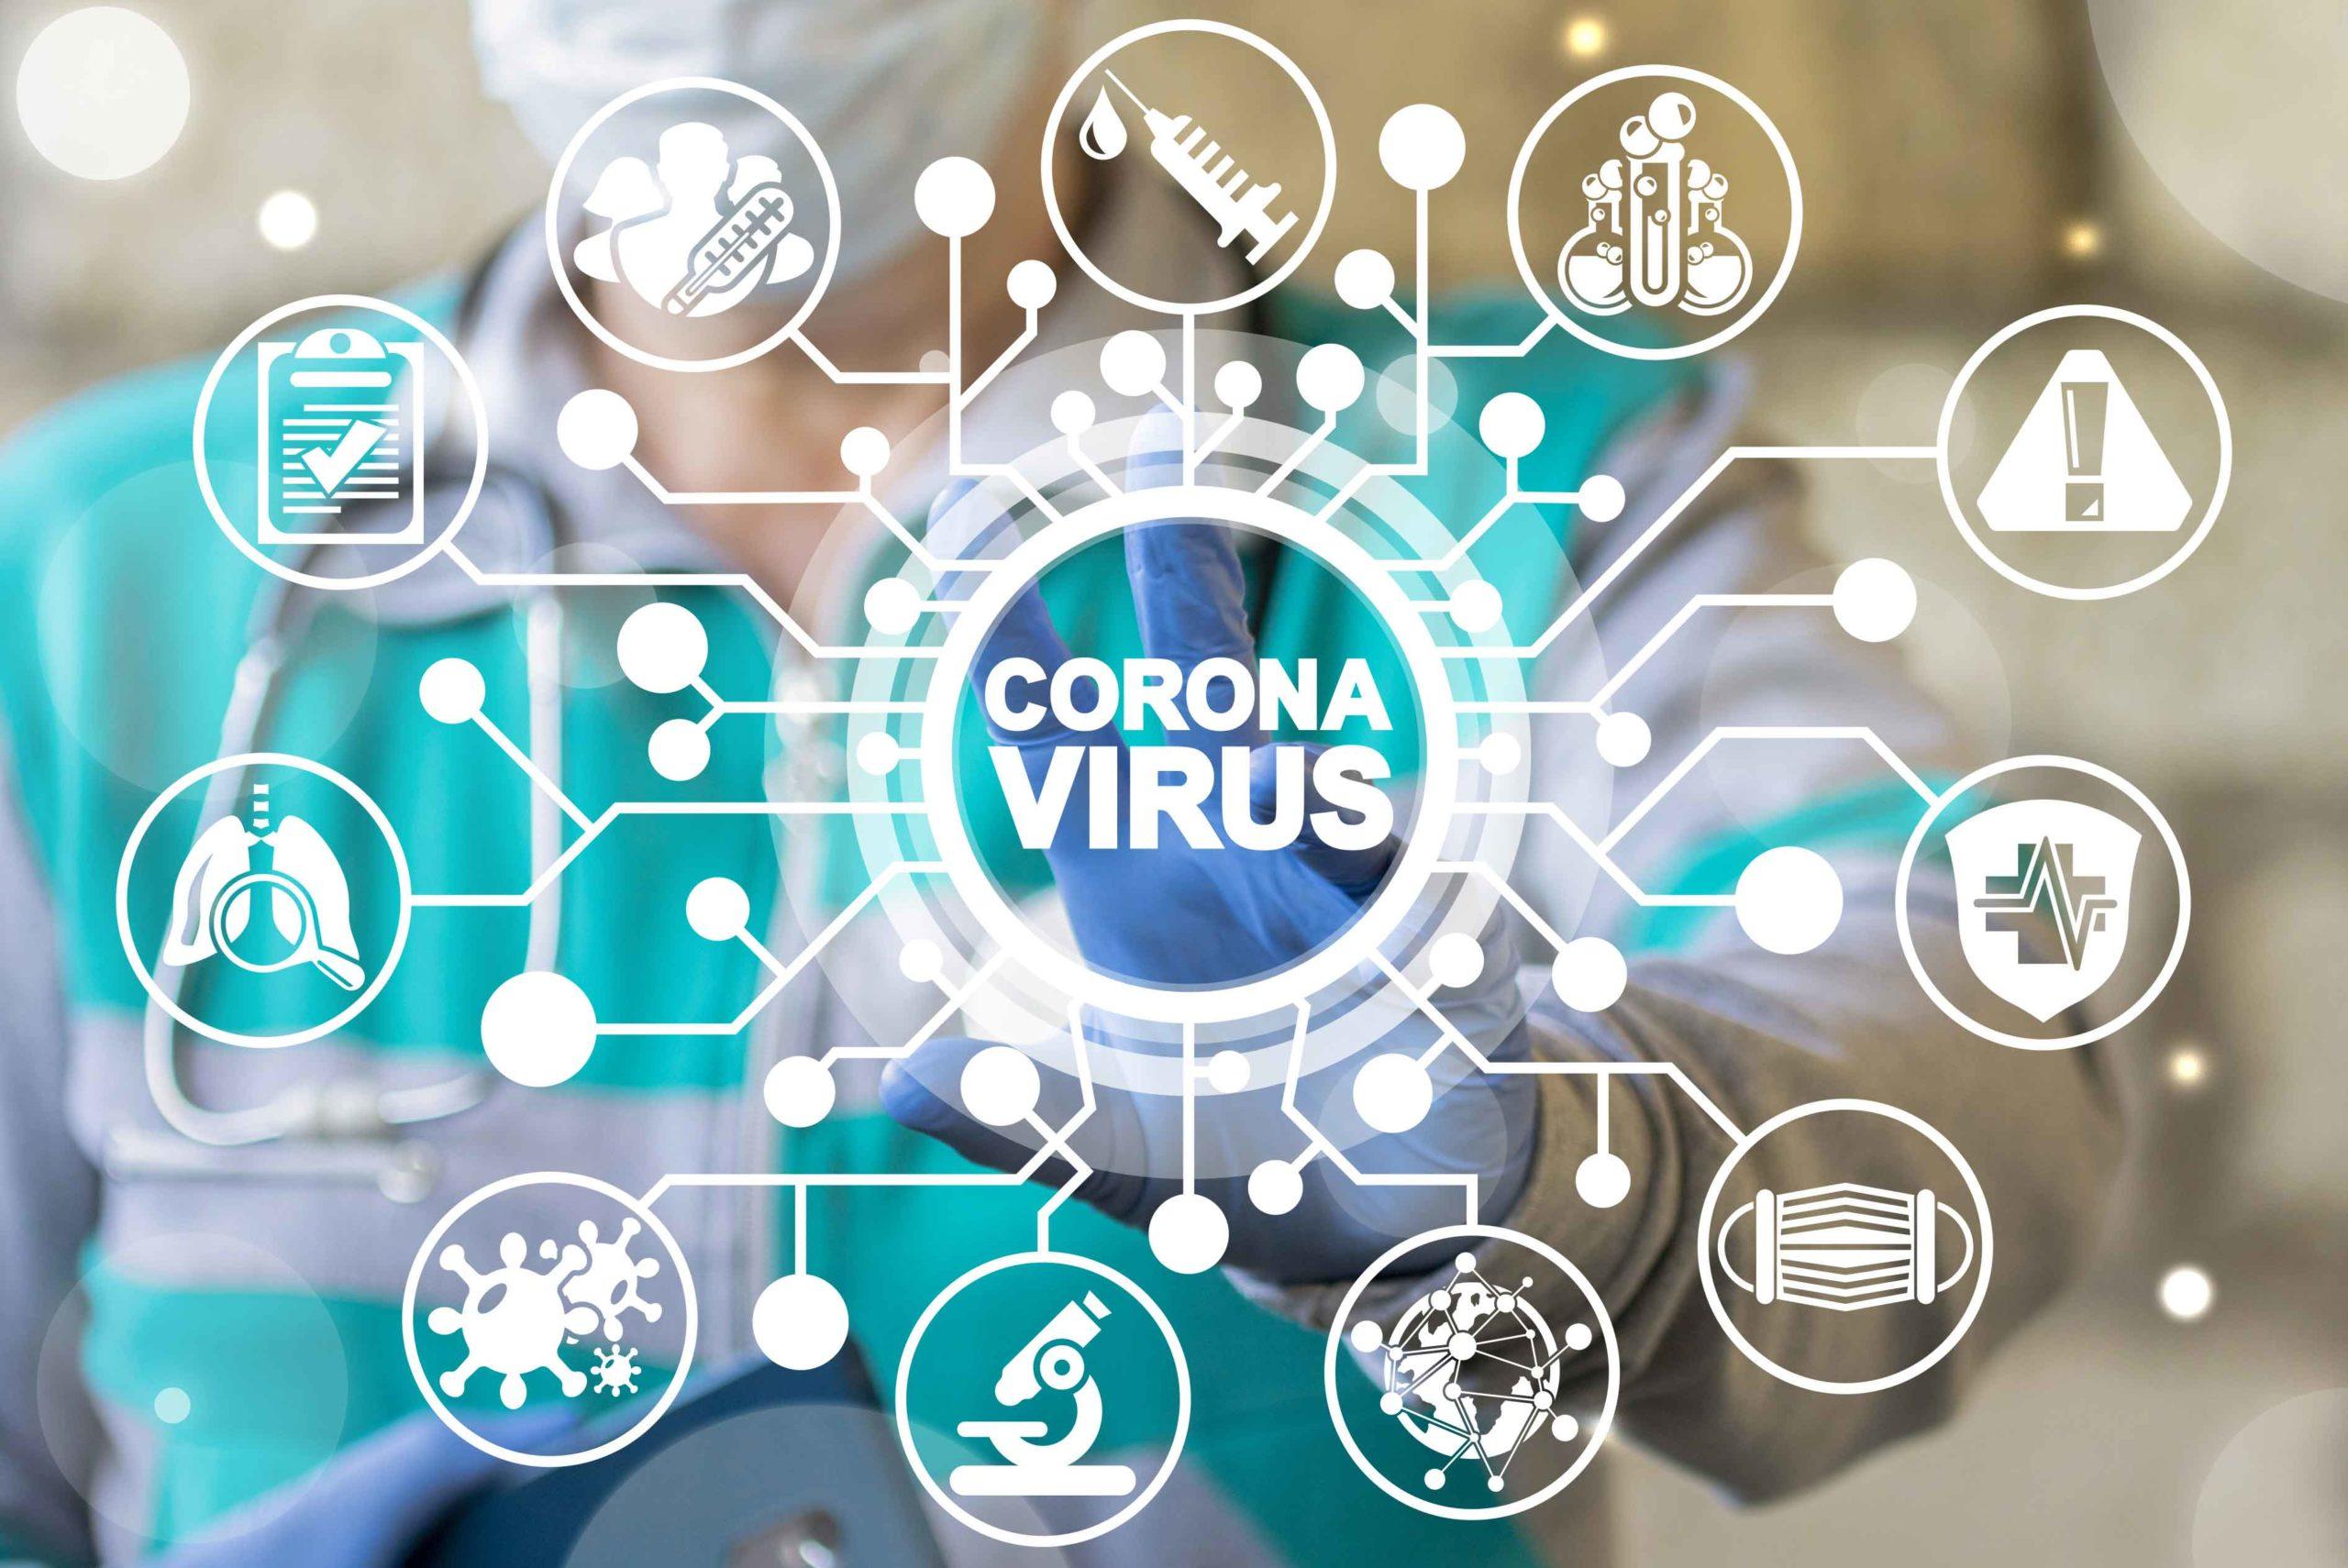 Covid 19 Novel Corona Virus